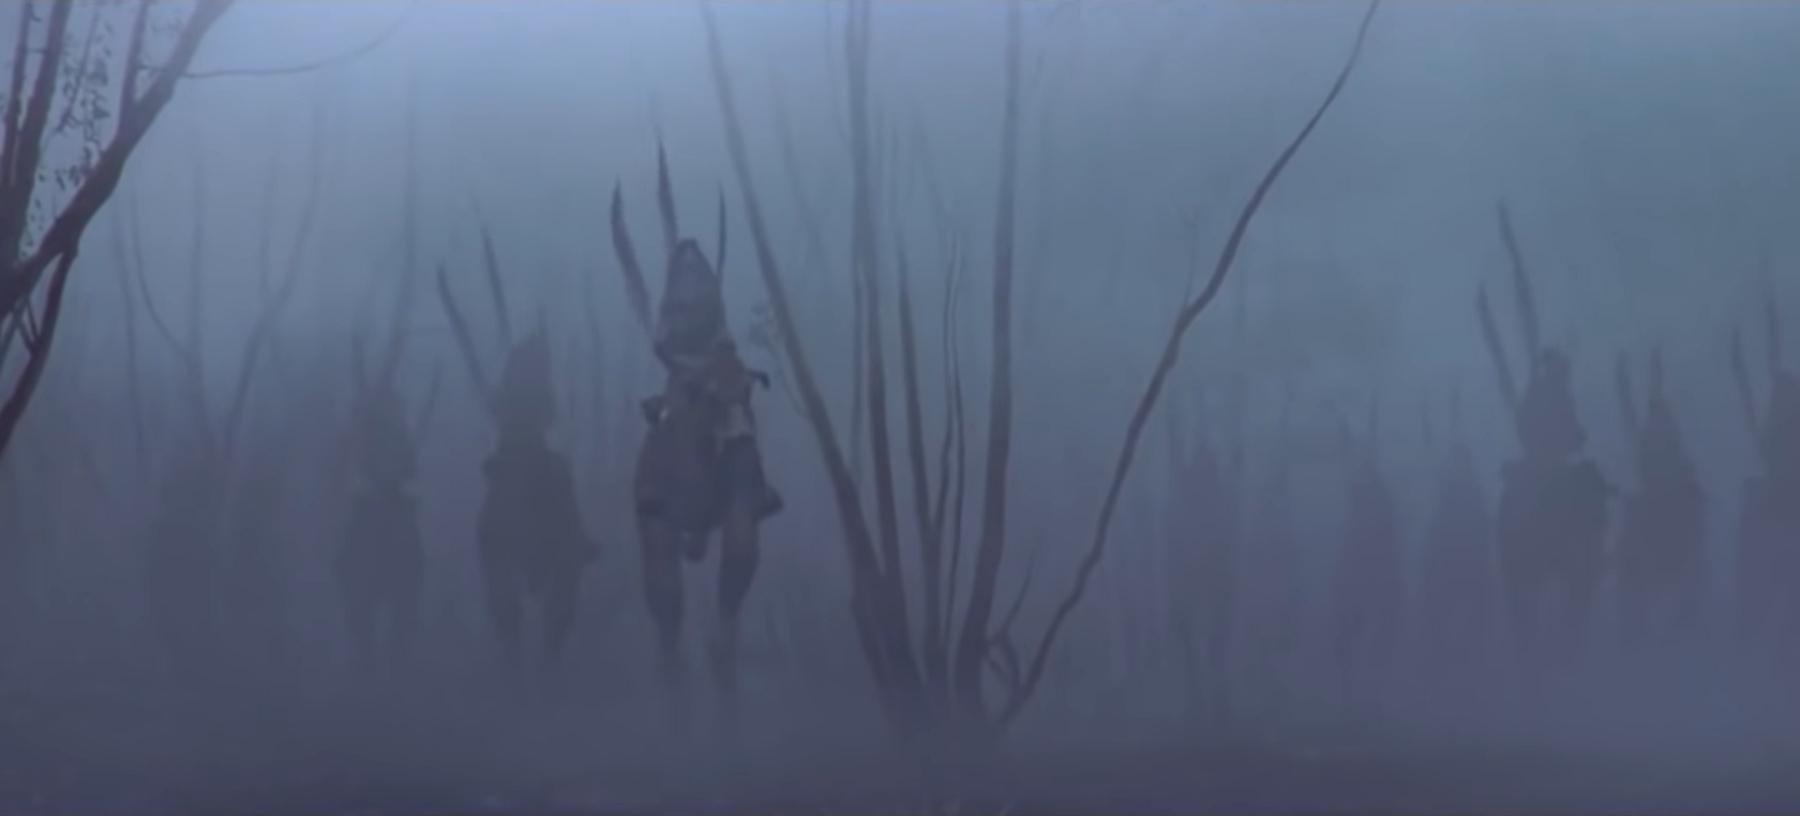 Gungan Swamp